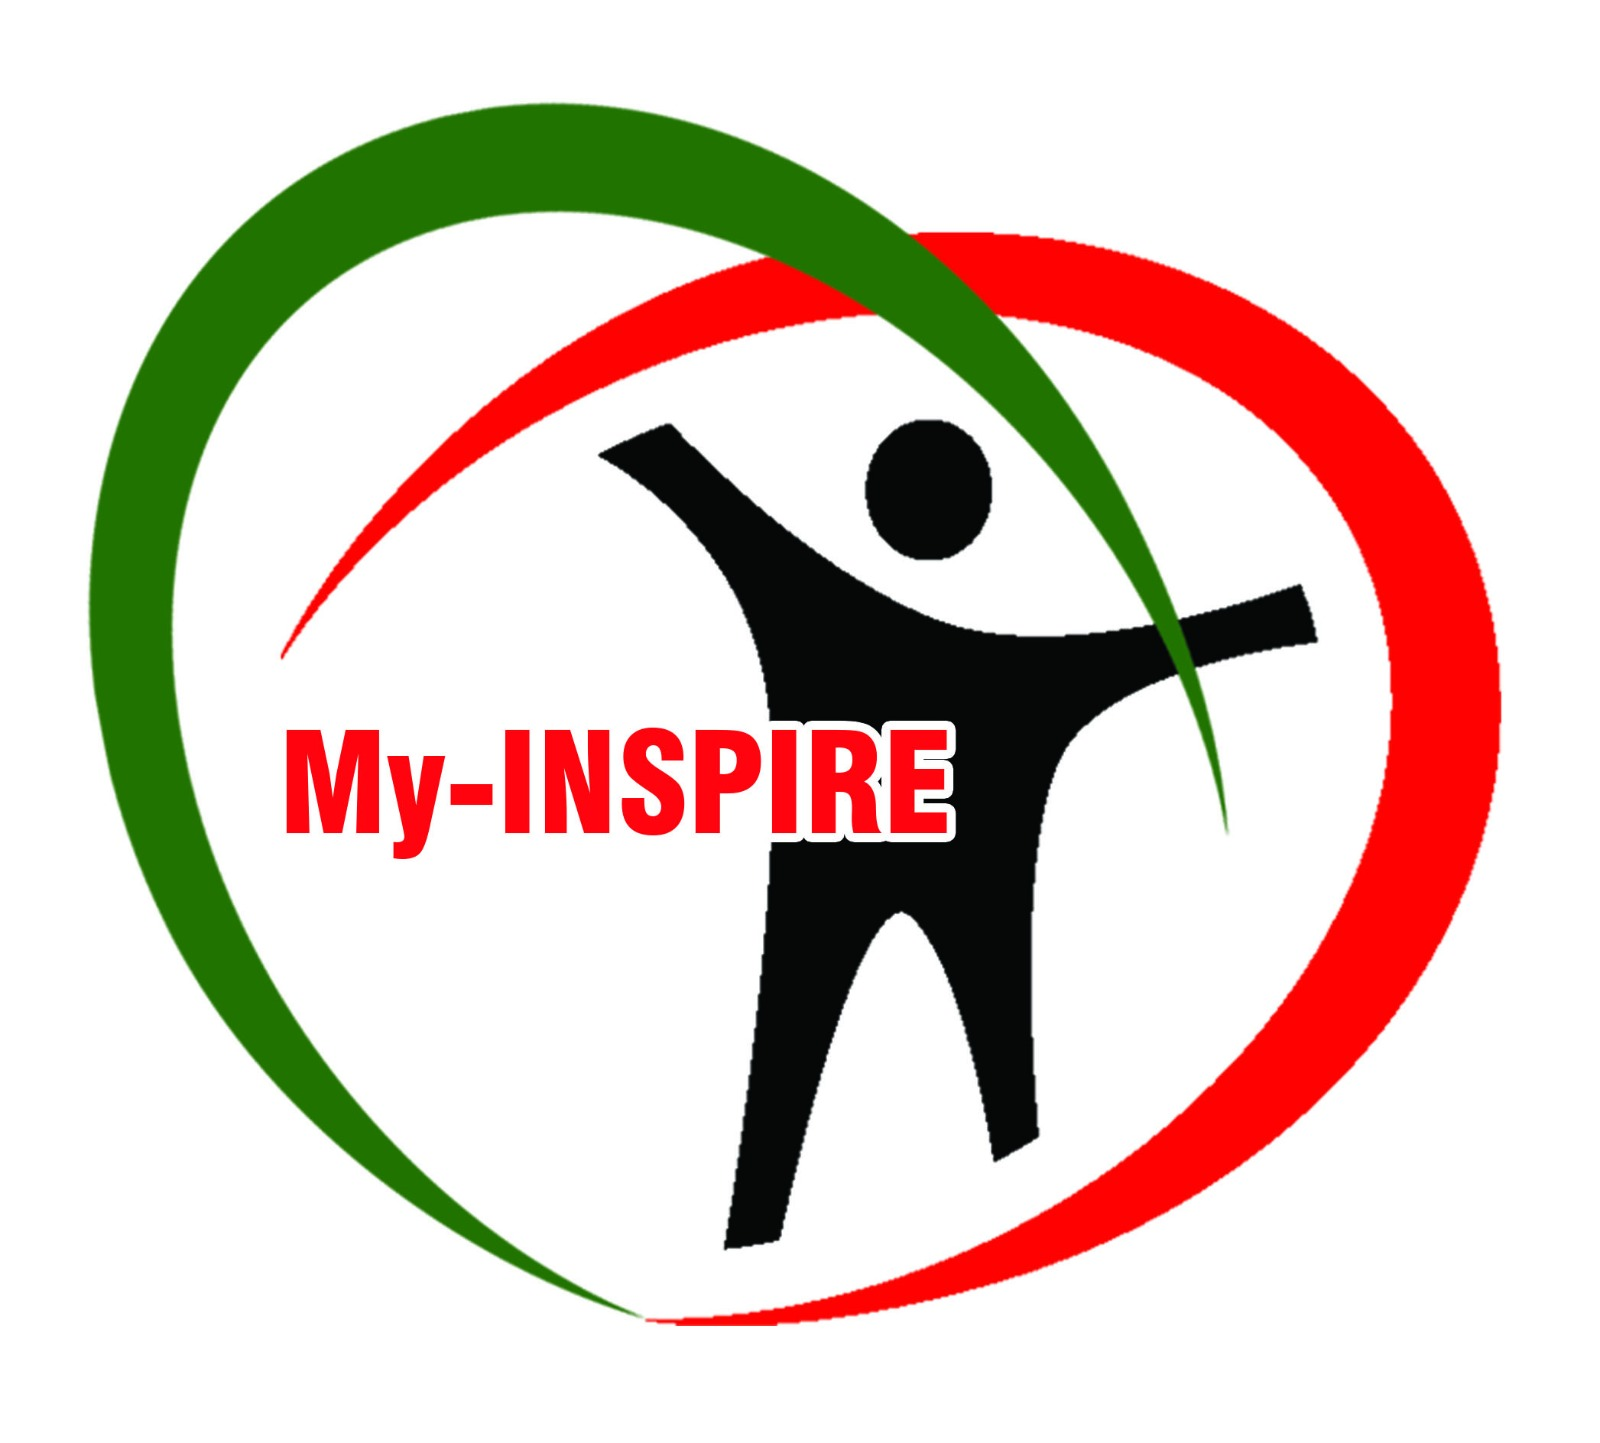 My-Inspire